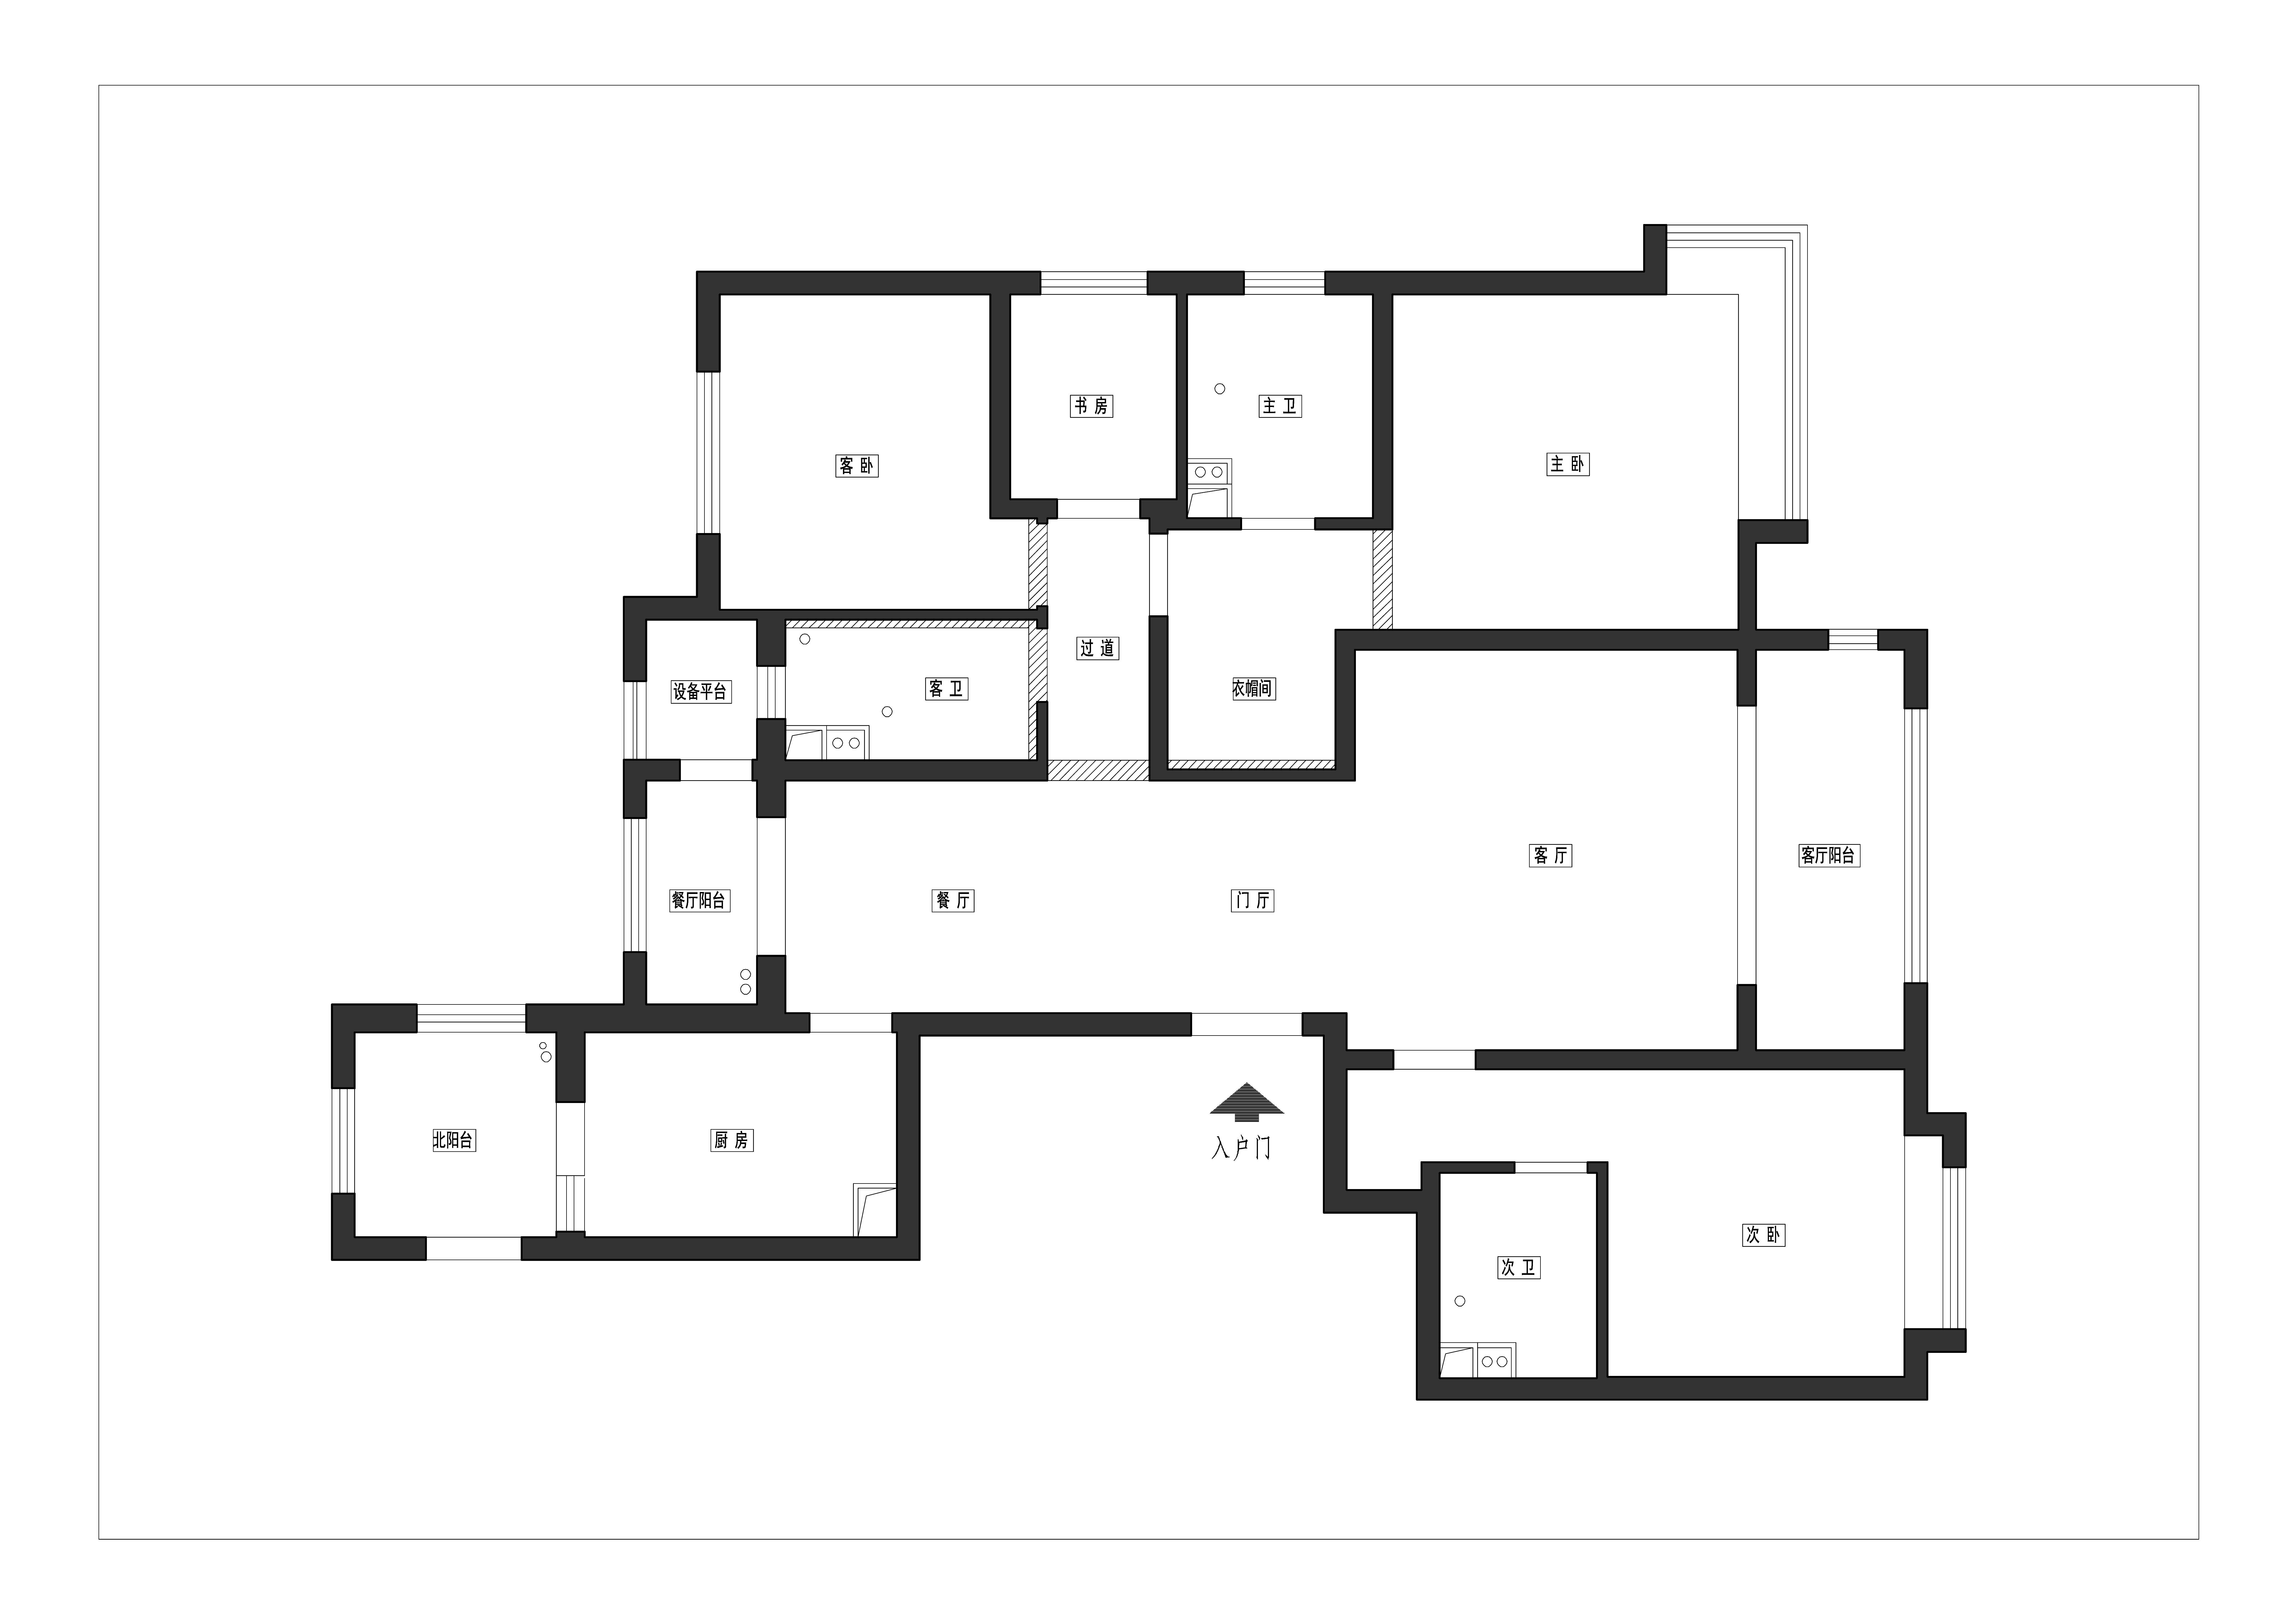 德贤公馆143平三室二厅现代简约风格装修案例装修设计理念